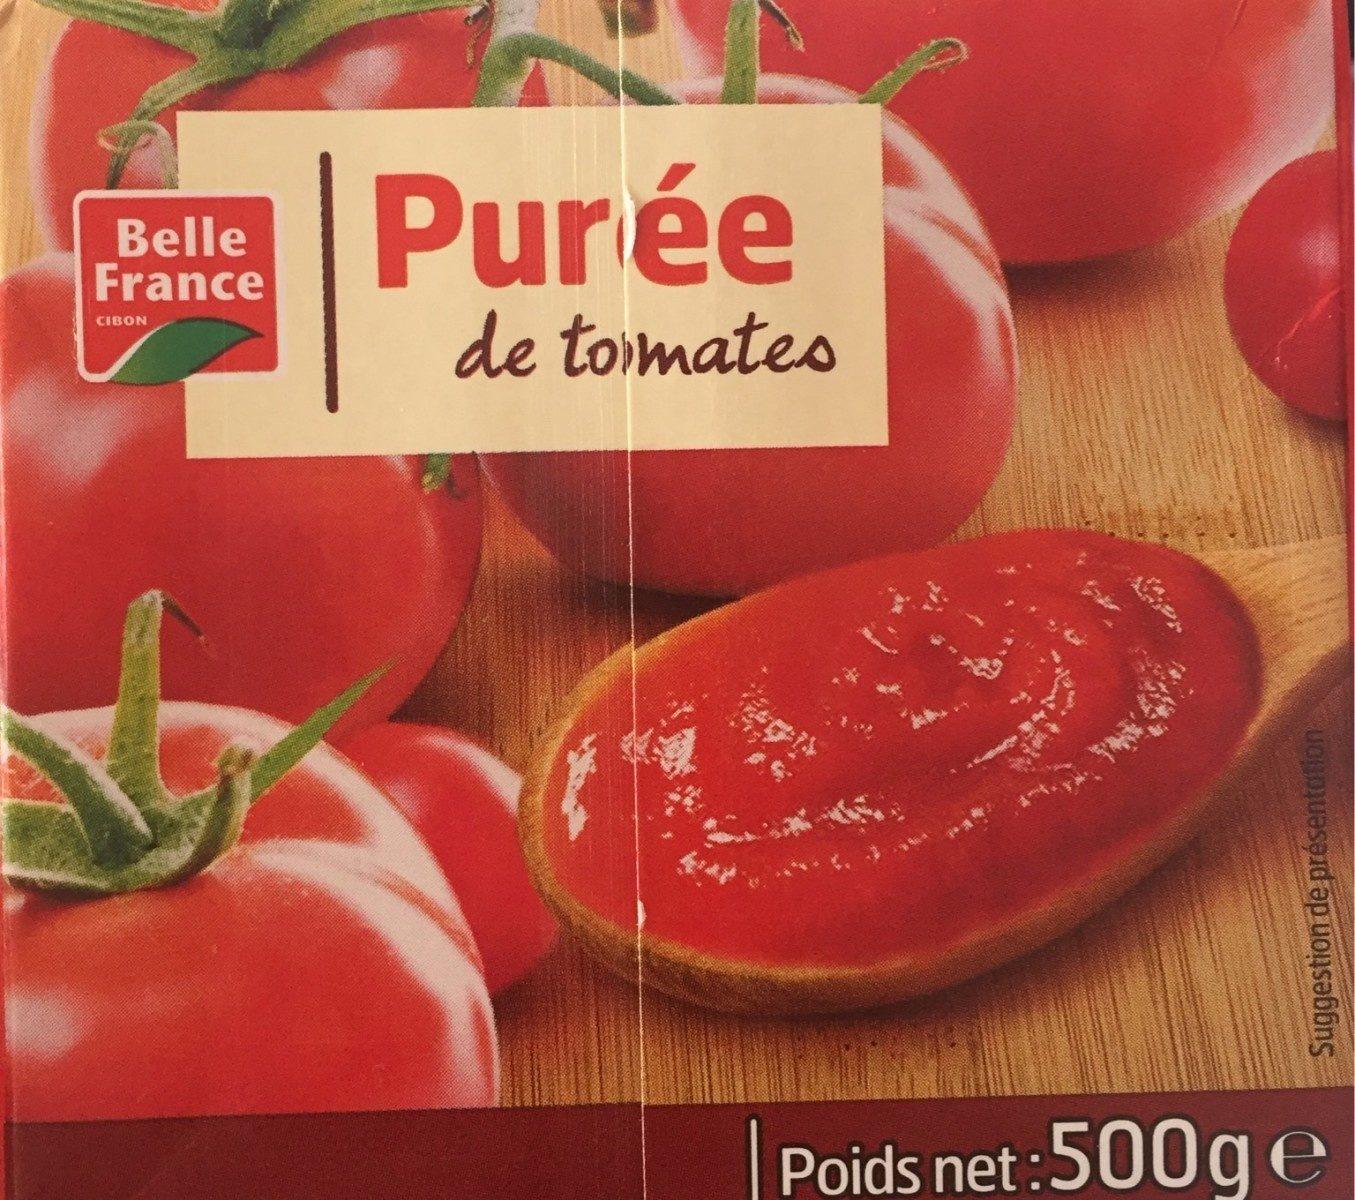 Purée de tomate, Belle France (500 g)